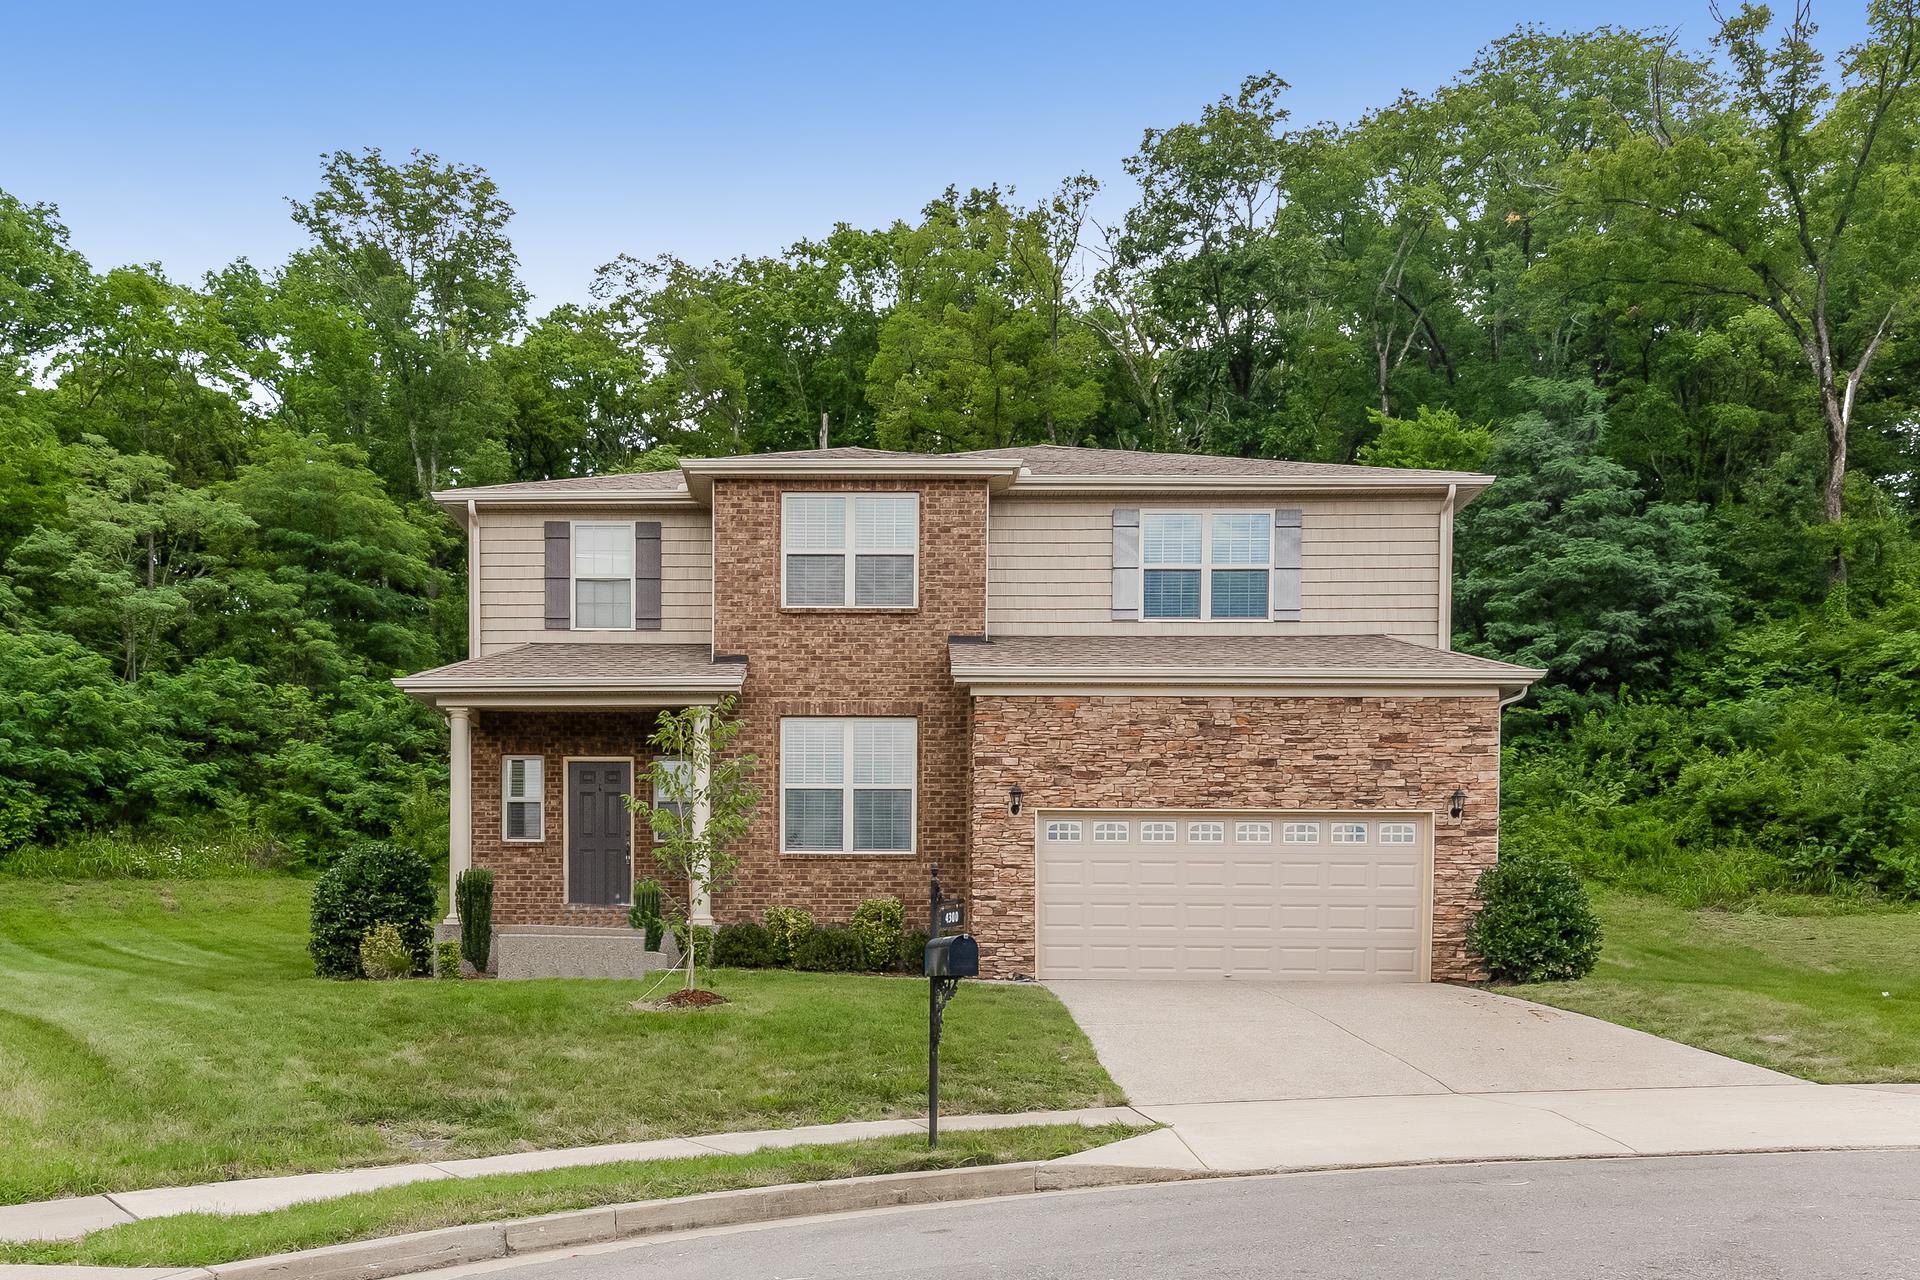 4300 Luke Ct, Antioch, TN 37013 - Antioch, TN real estate listing